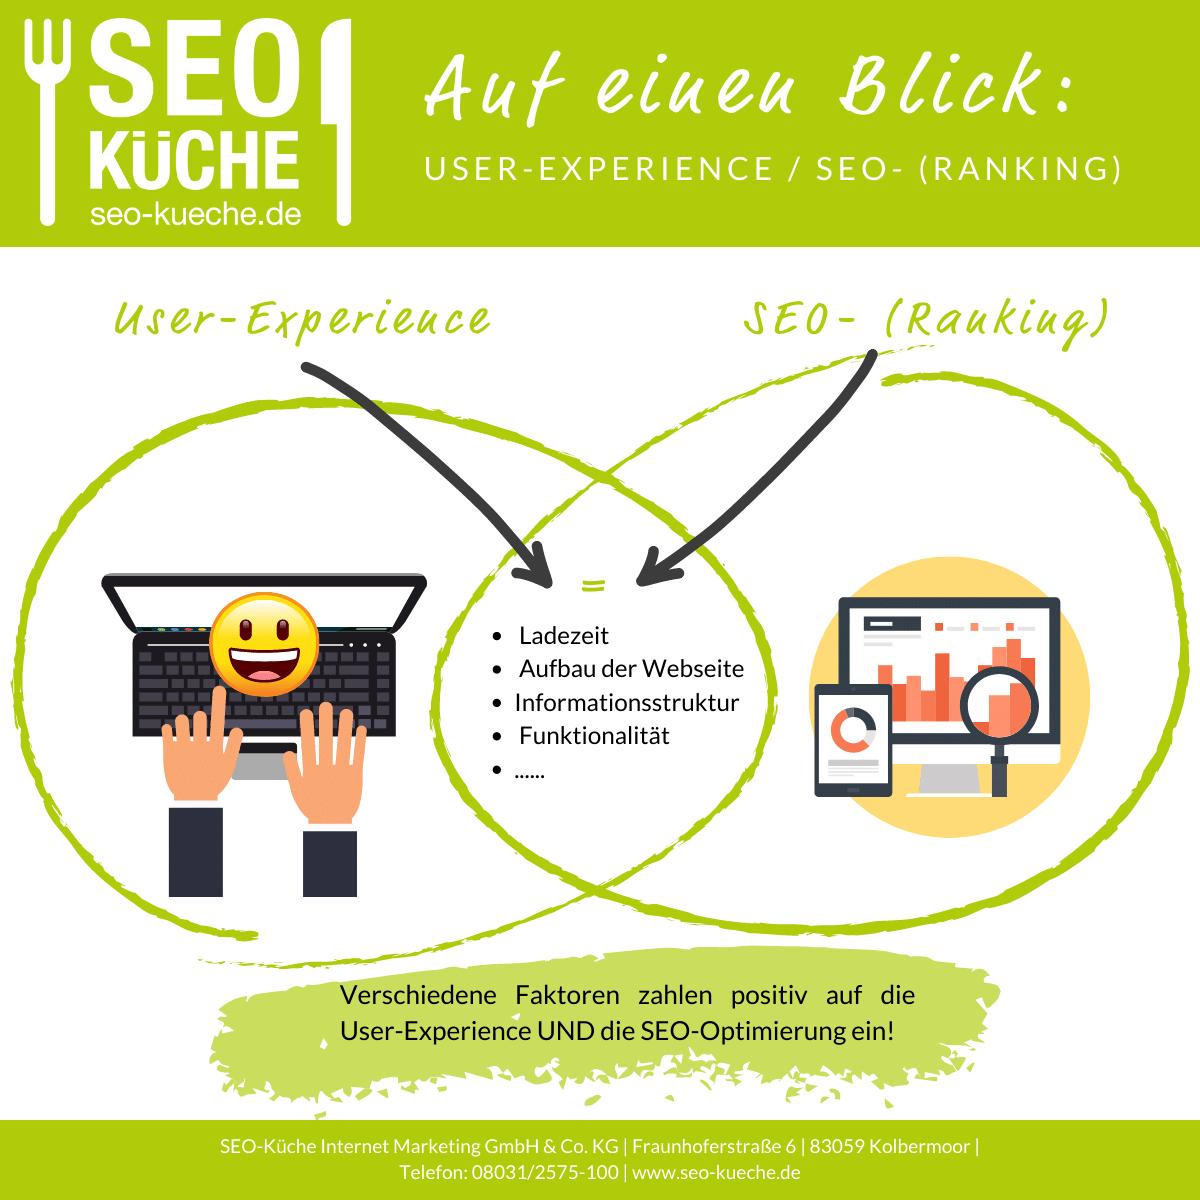 User Experience und SEO ein gutes Team!